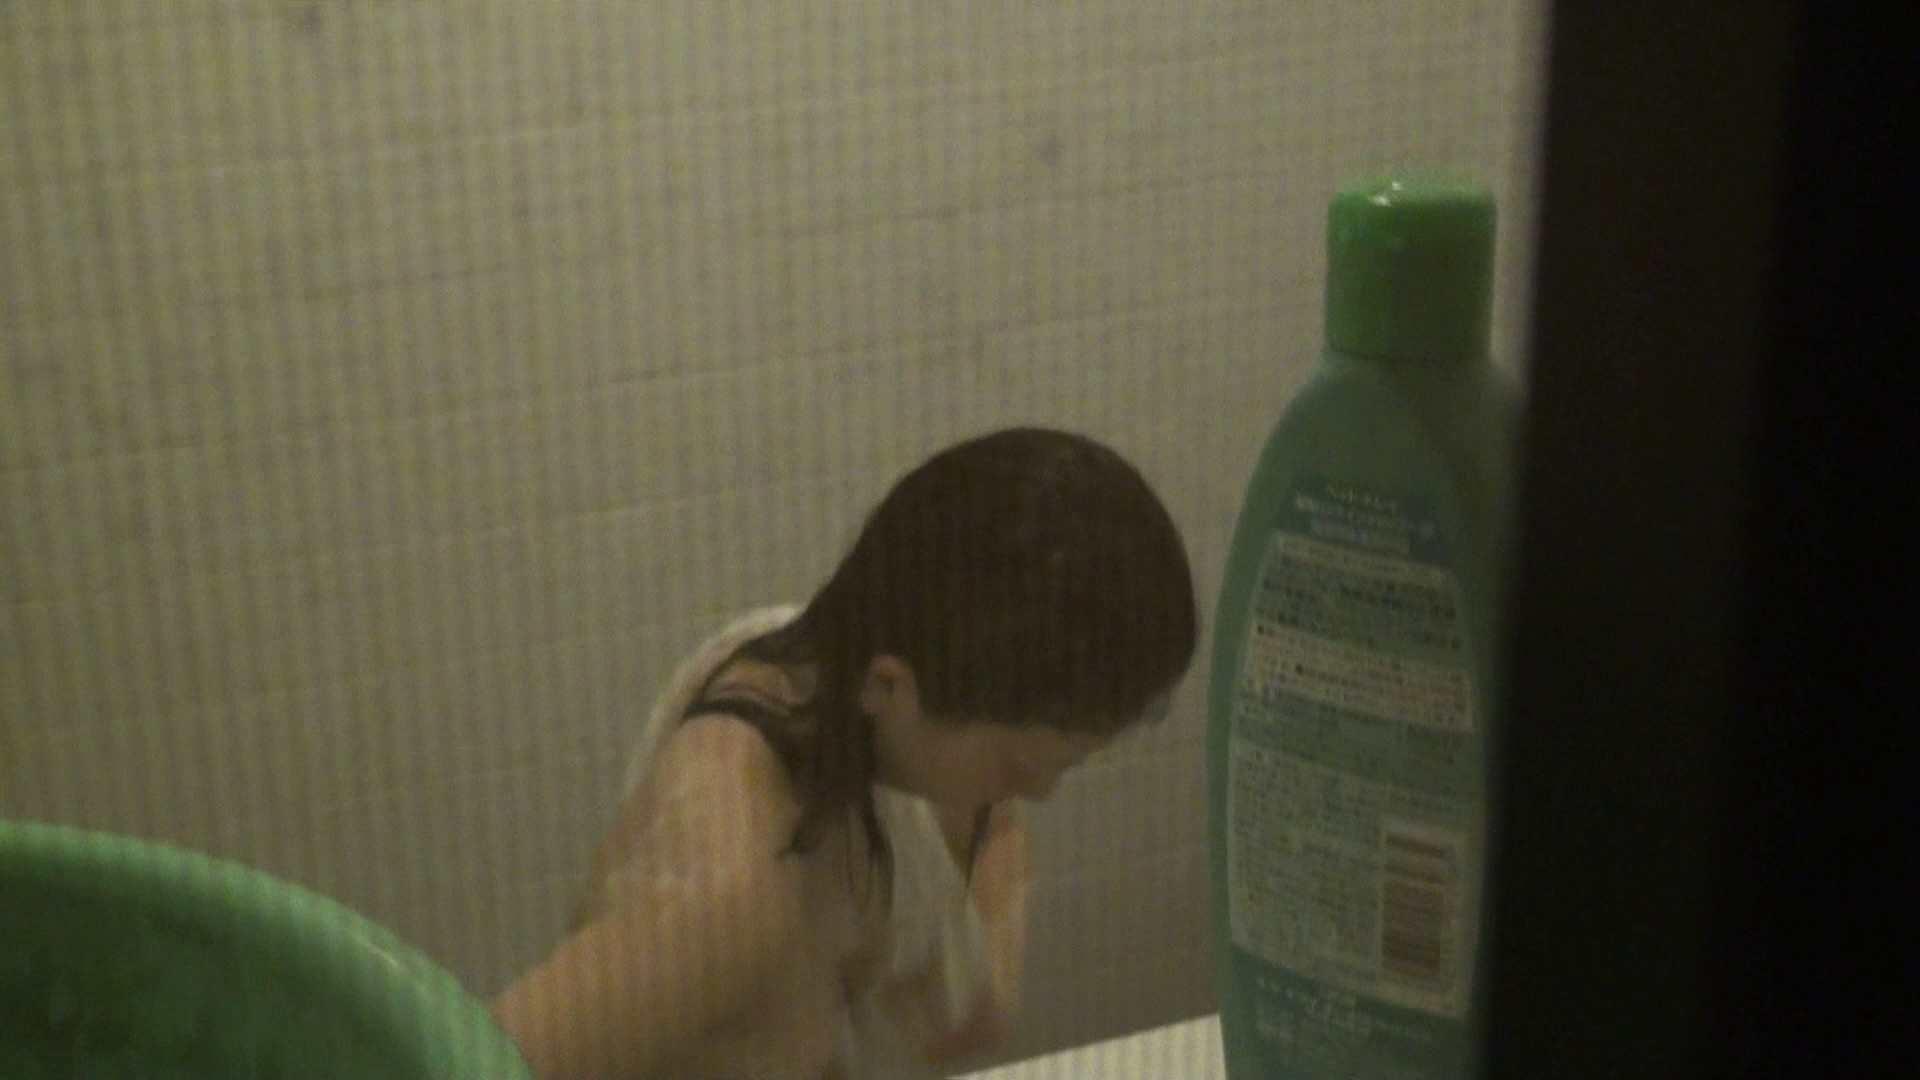 vol.06顔を洗い流す極上お女市さんの裸体をハイビジョンで!風呂上り着替え必見! エッチな盗撮 SEX無修正画像 84pic 3